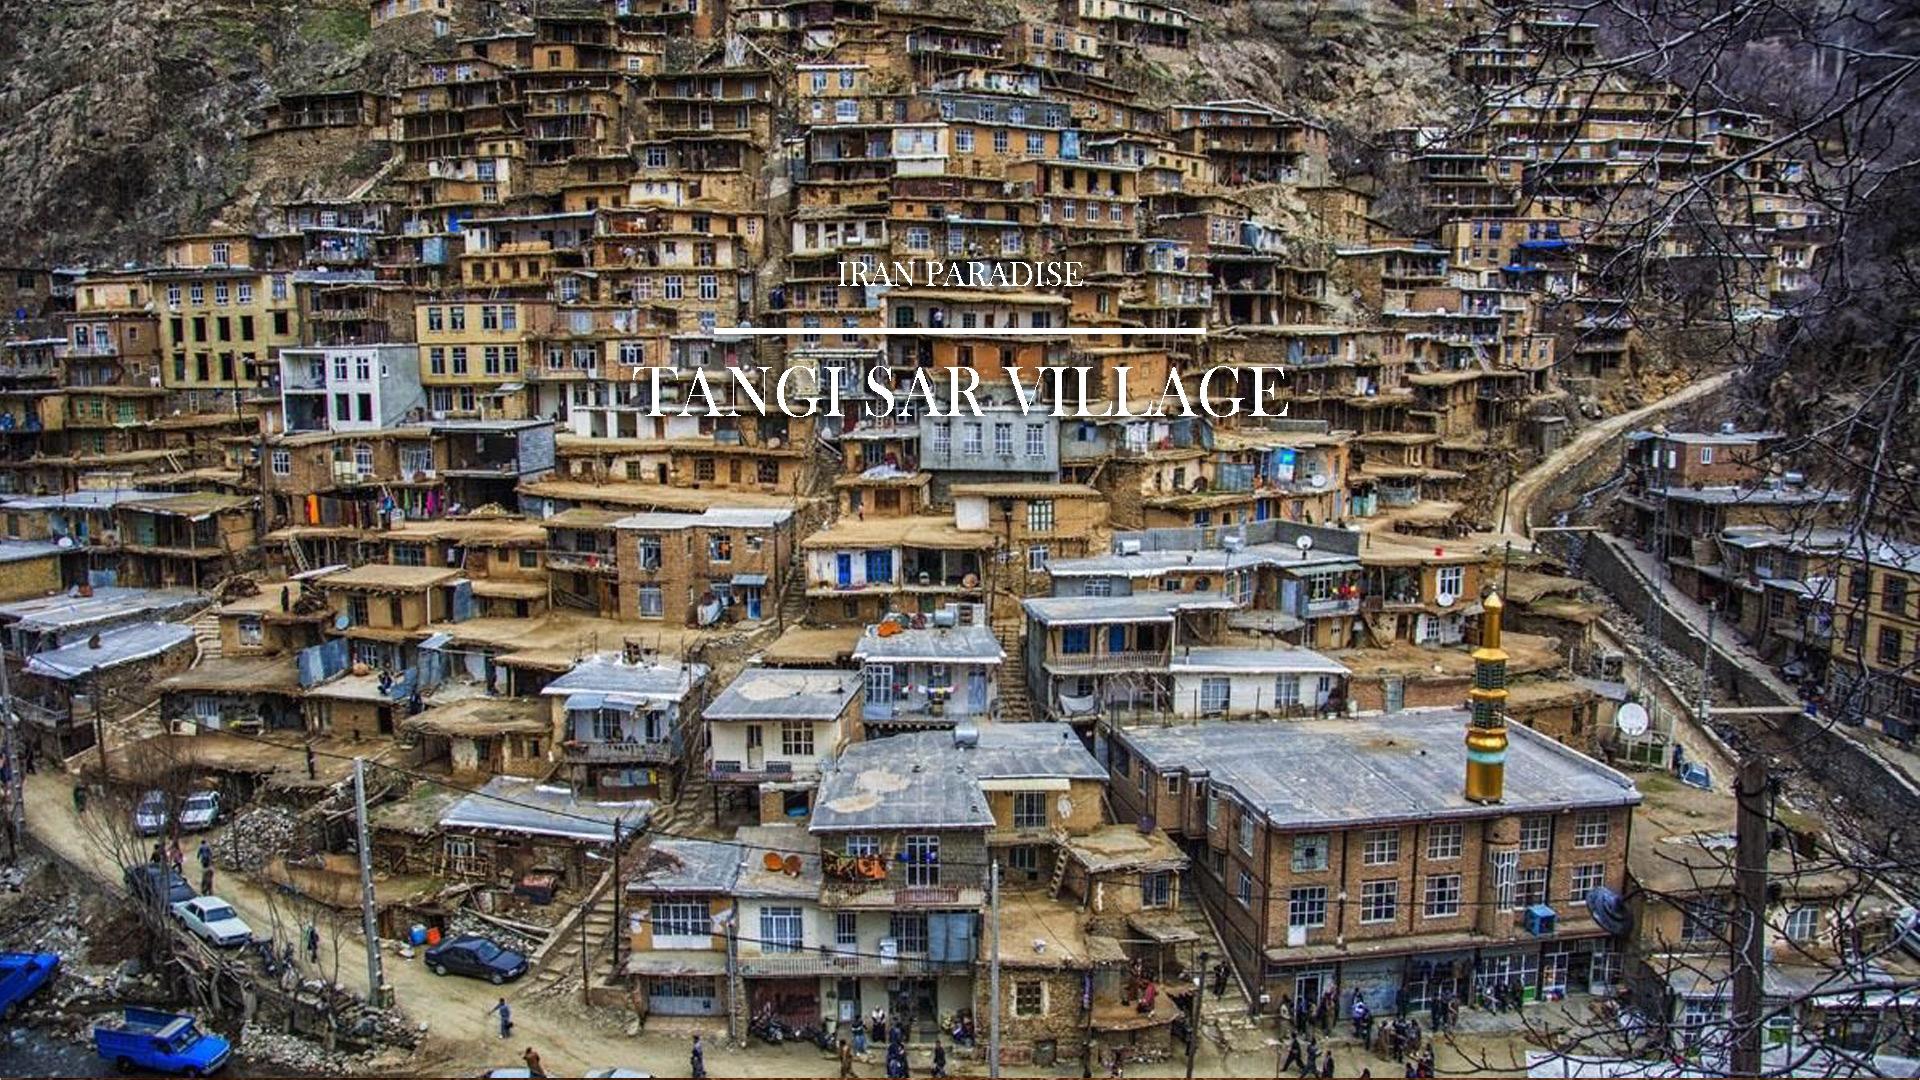 tangisar-village